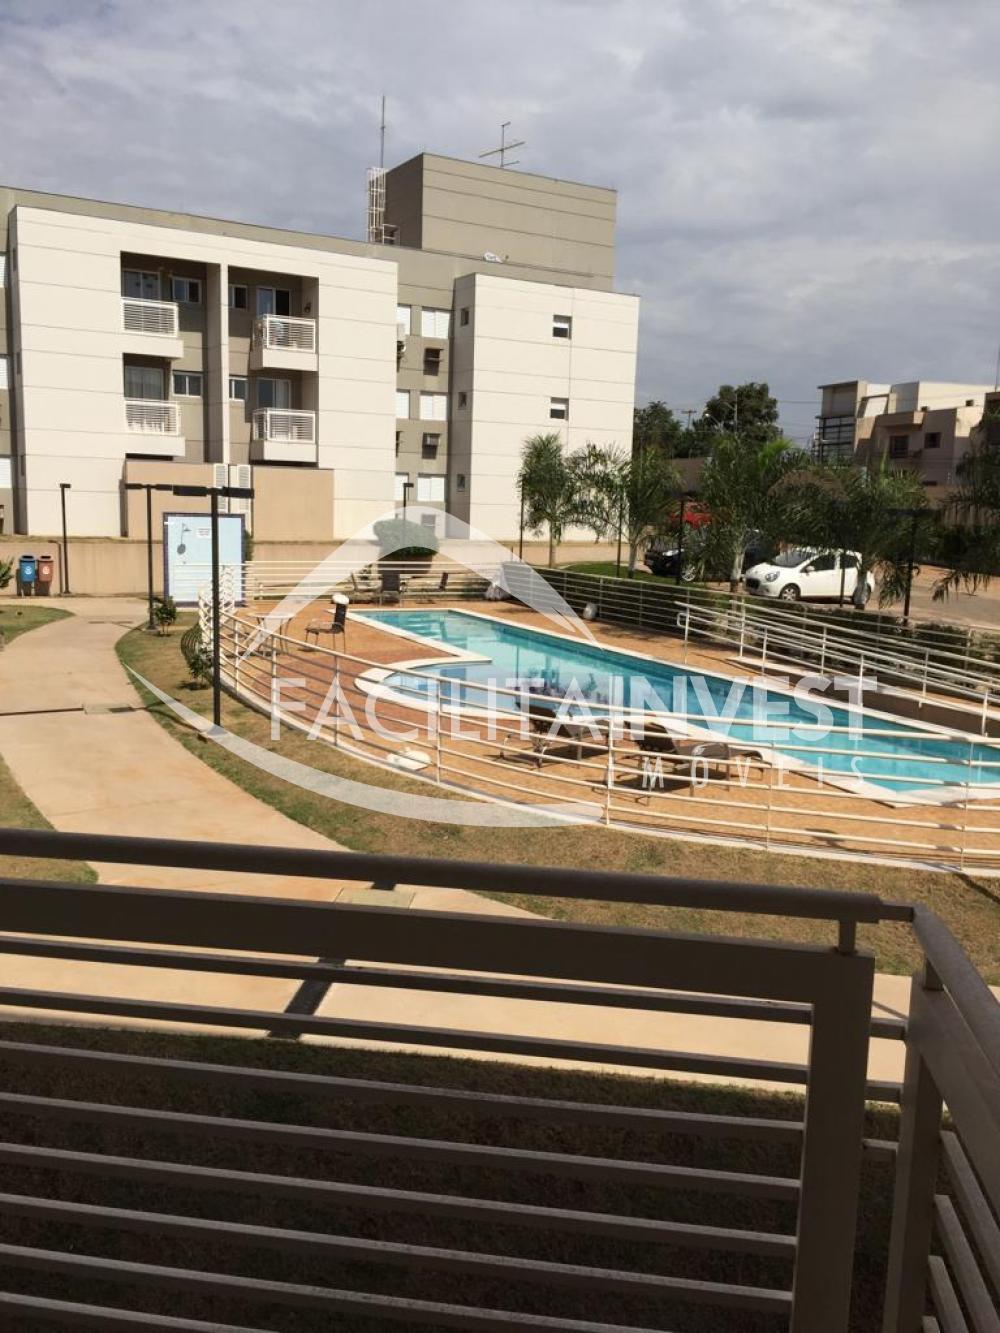 Alugar Apartamentos / Apart. Padrão em Ribeirão Preto apenas R$ 900,00 - Foto 5